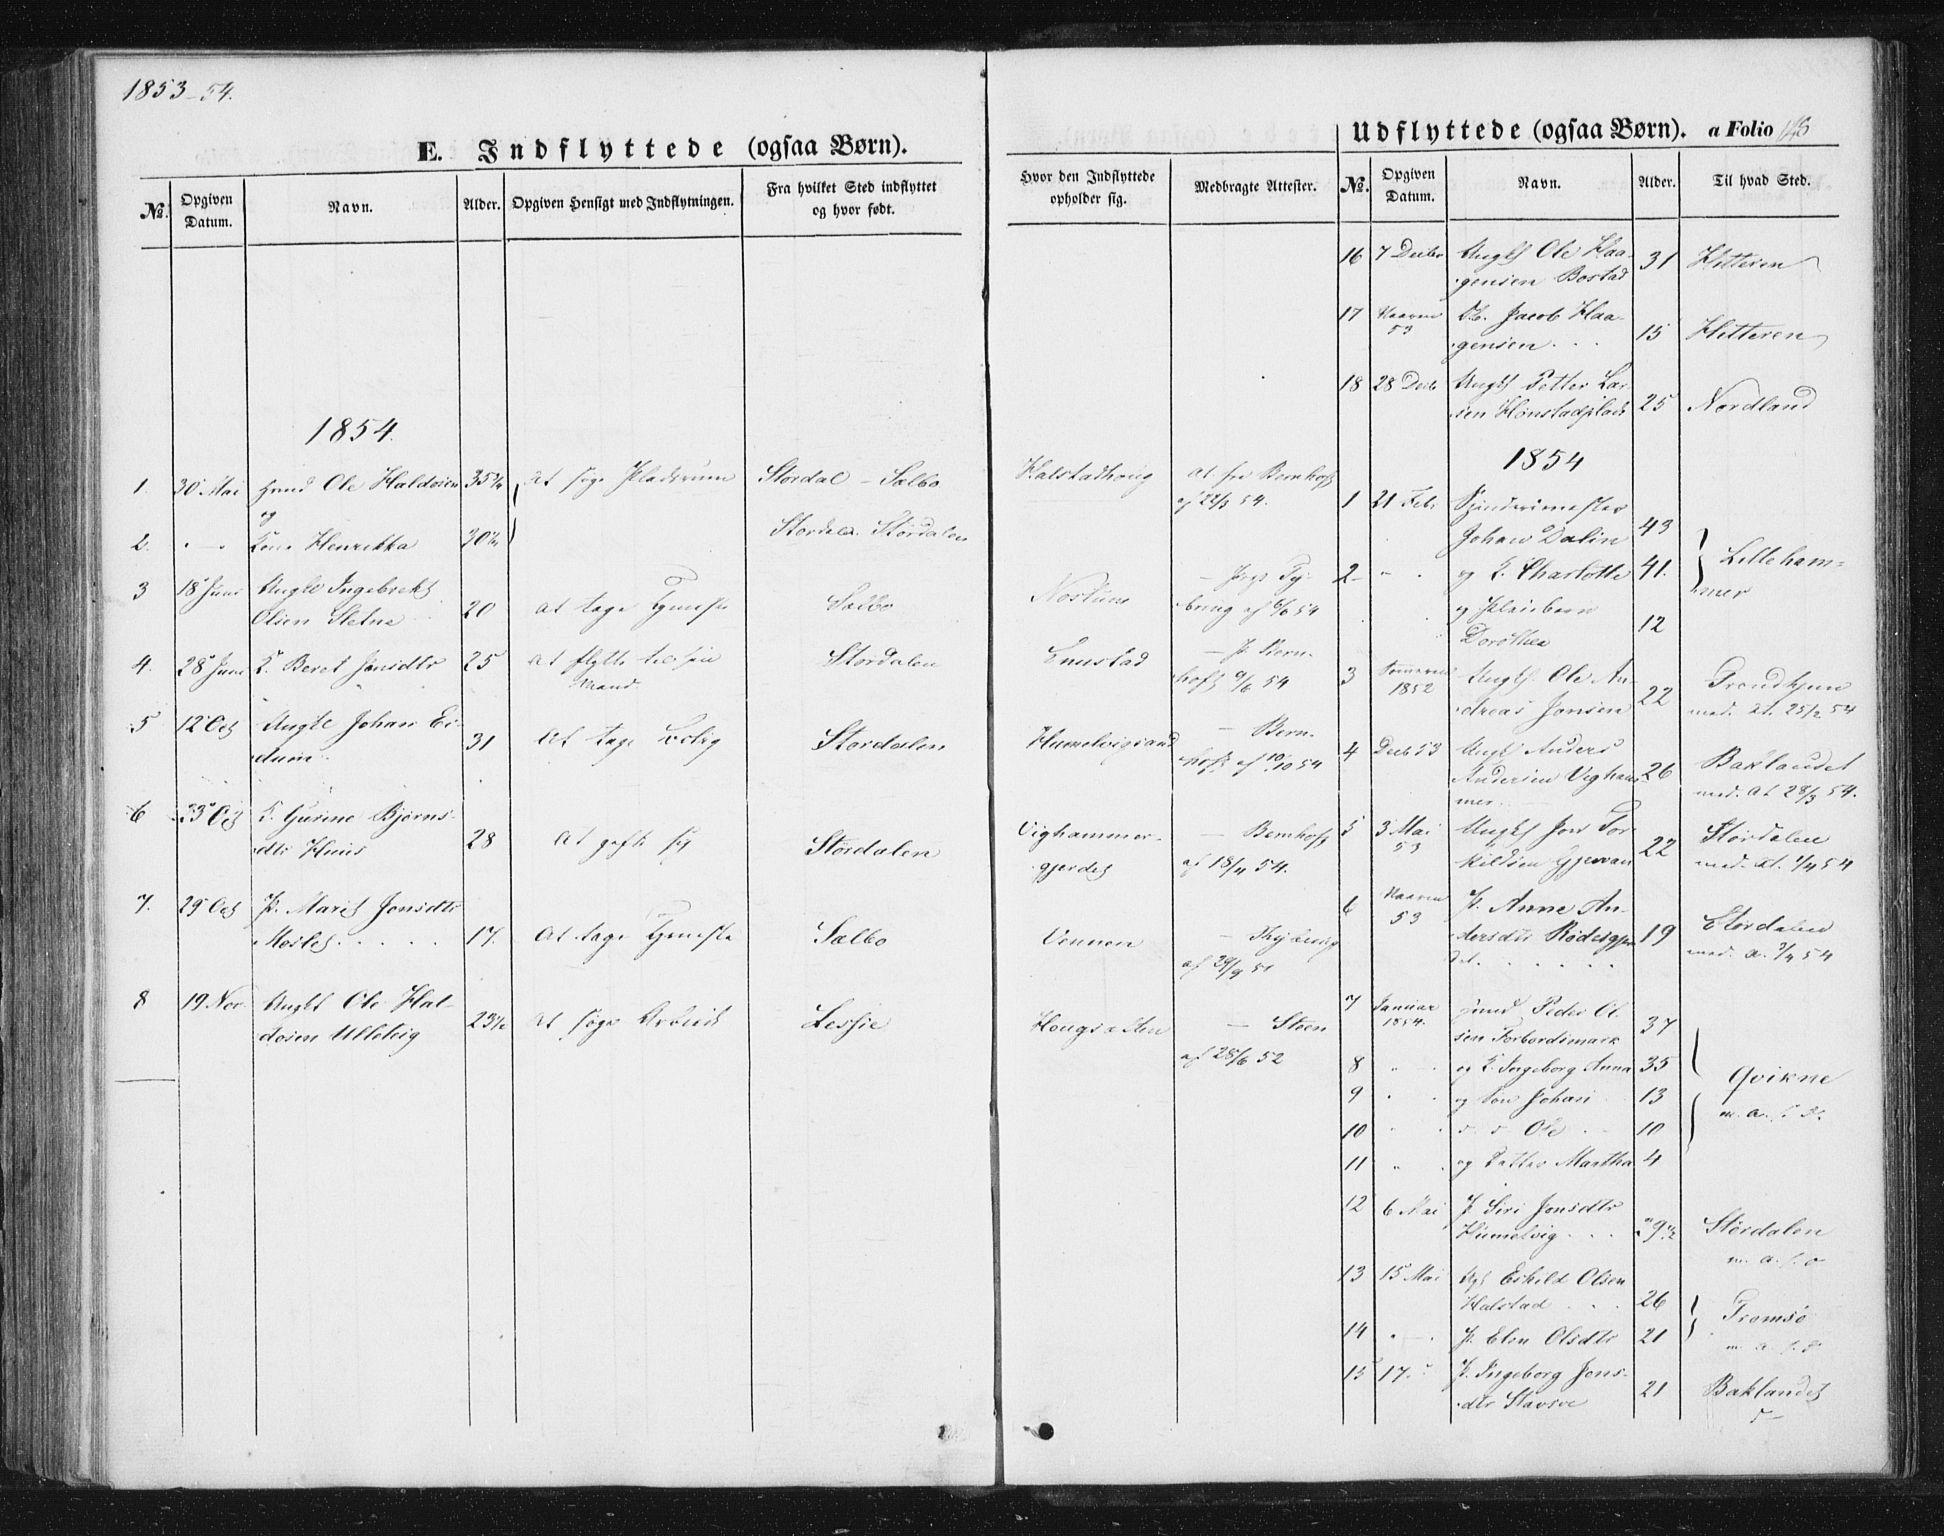 SAT, Ministerialprotokoller, klokkerbøker og fødselsregistre - Sør-Trøndelag, 616/L0407: Ministerialbok nr. 616A04, 1848-1856, s. 148